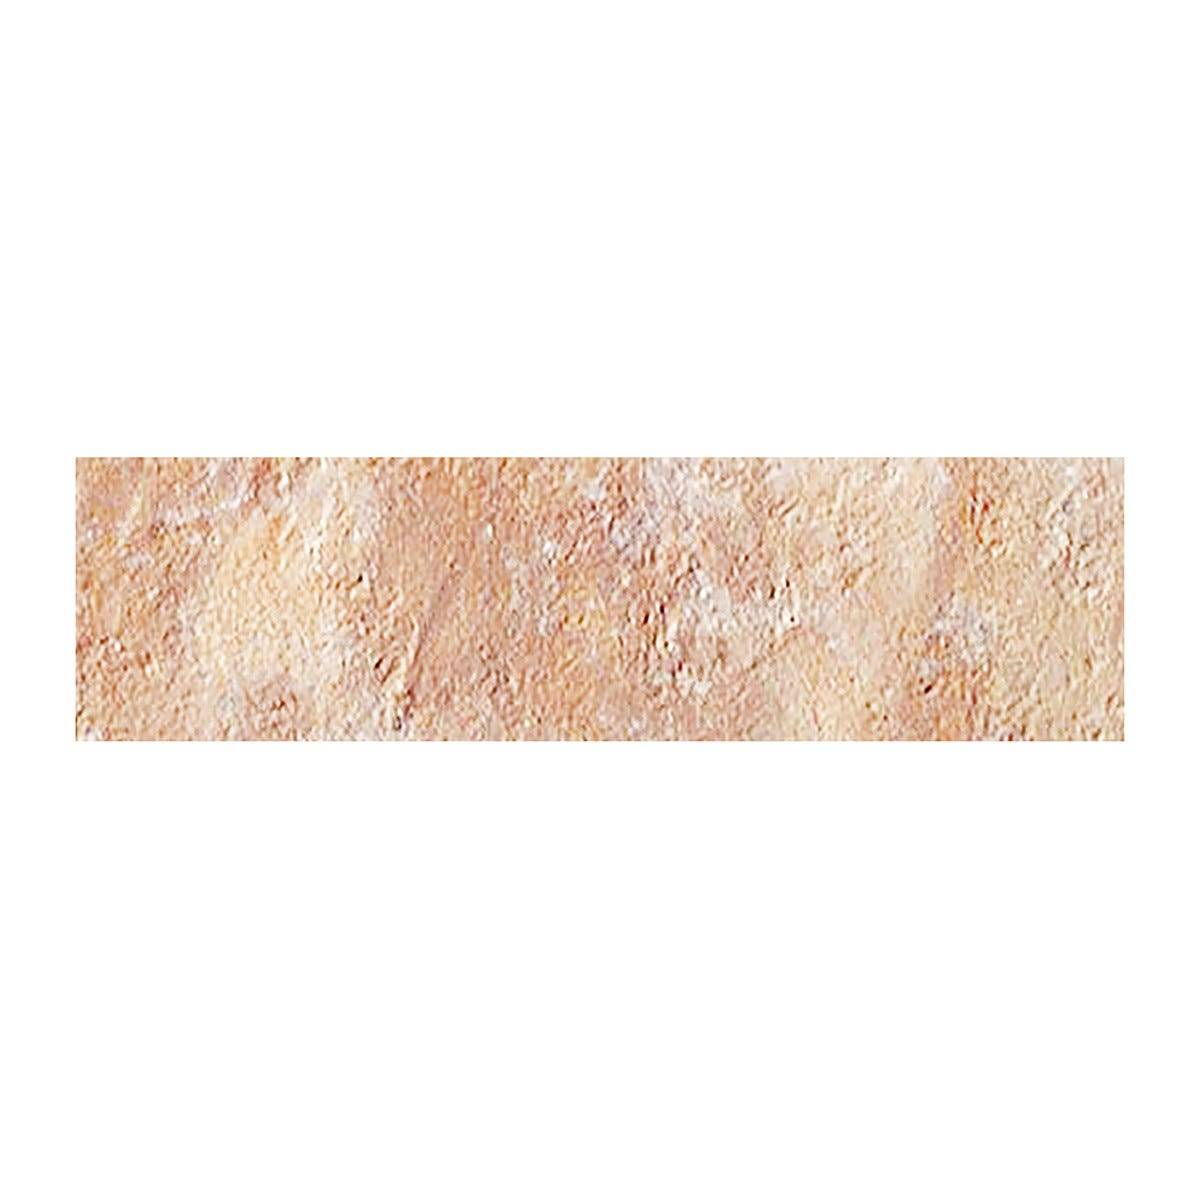 spray _dry mattoncino antico casale rosato 6x25x0,9 cm pei 5 r10 gres porcellanato